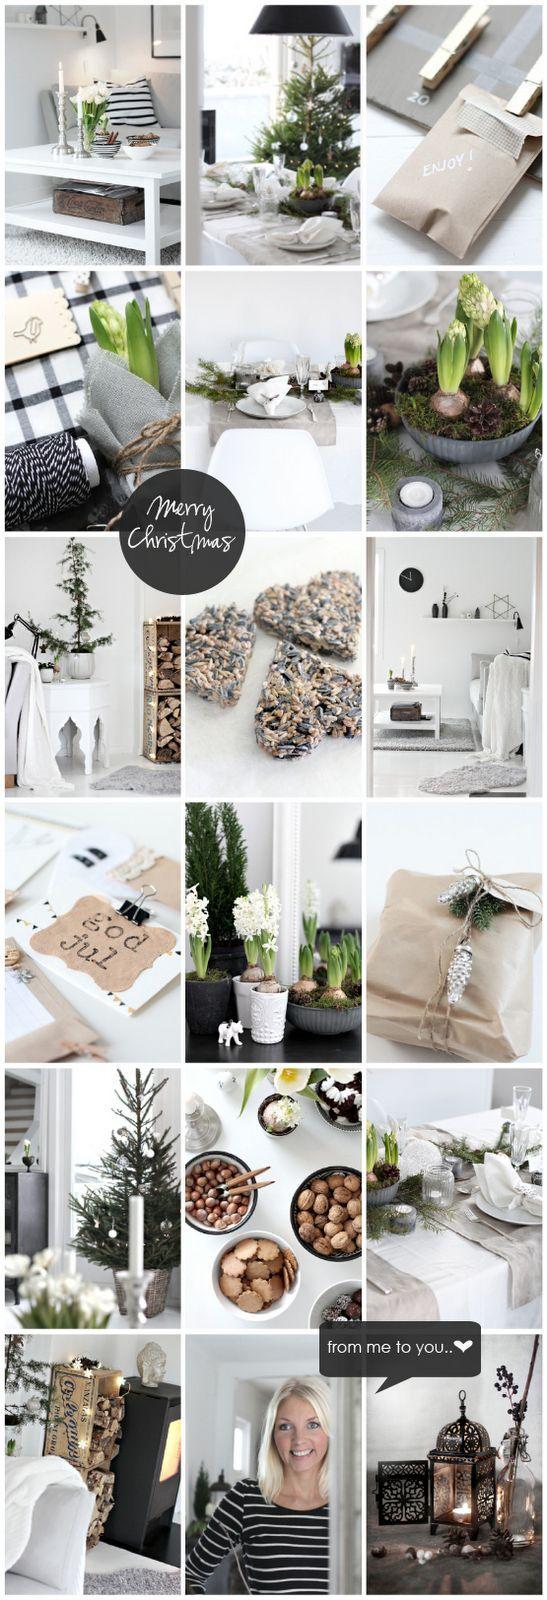 Scandinavian Christmas decorating ideas: black white and green by Nina Holst from stylizimo.com I Skandinavische Weihnachten: dekorieren mit weiß schwarz und grün